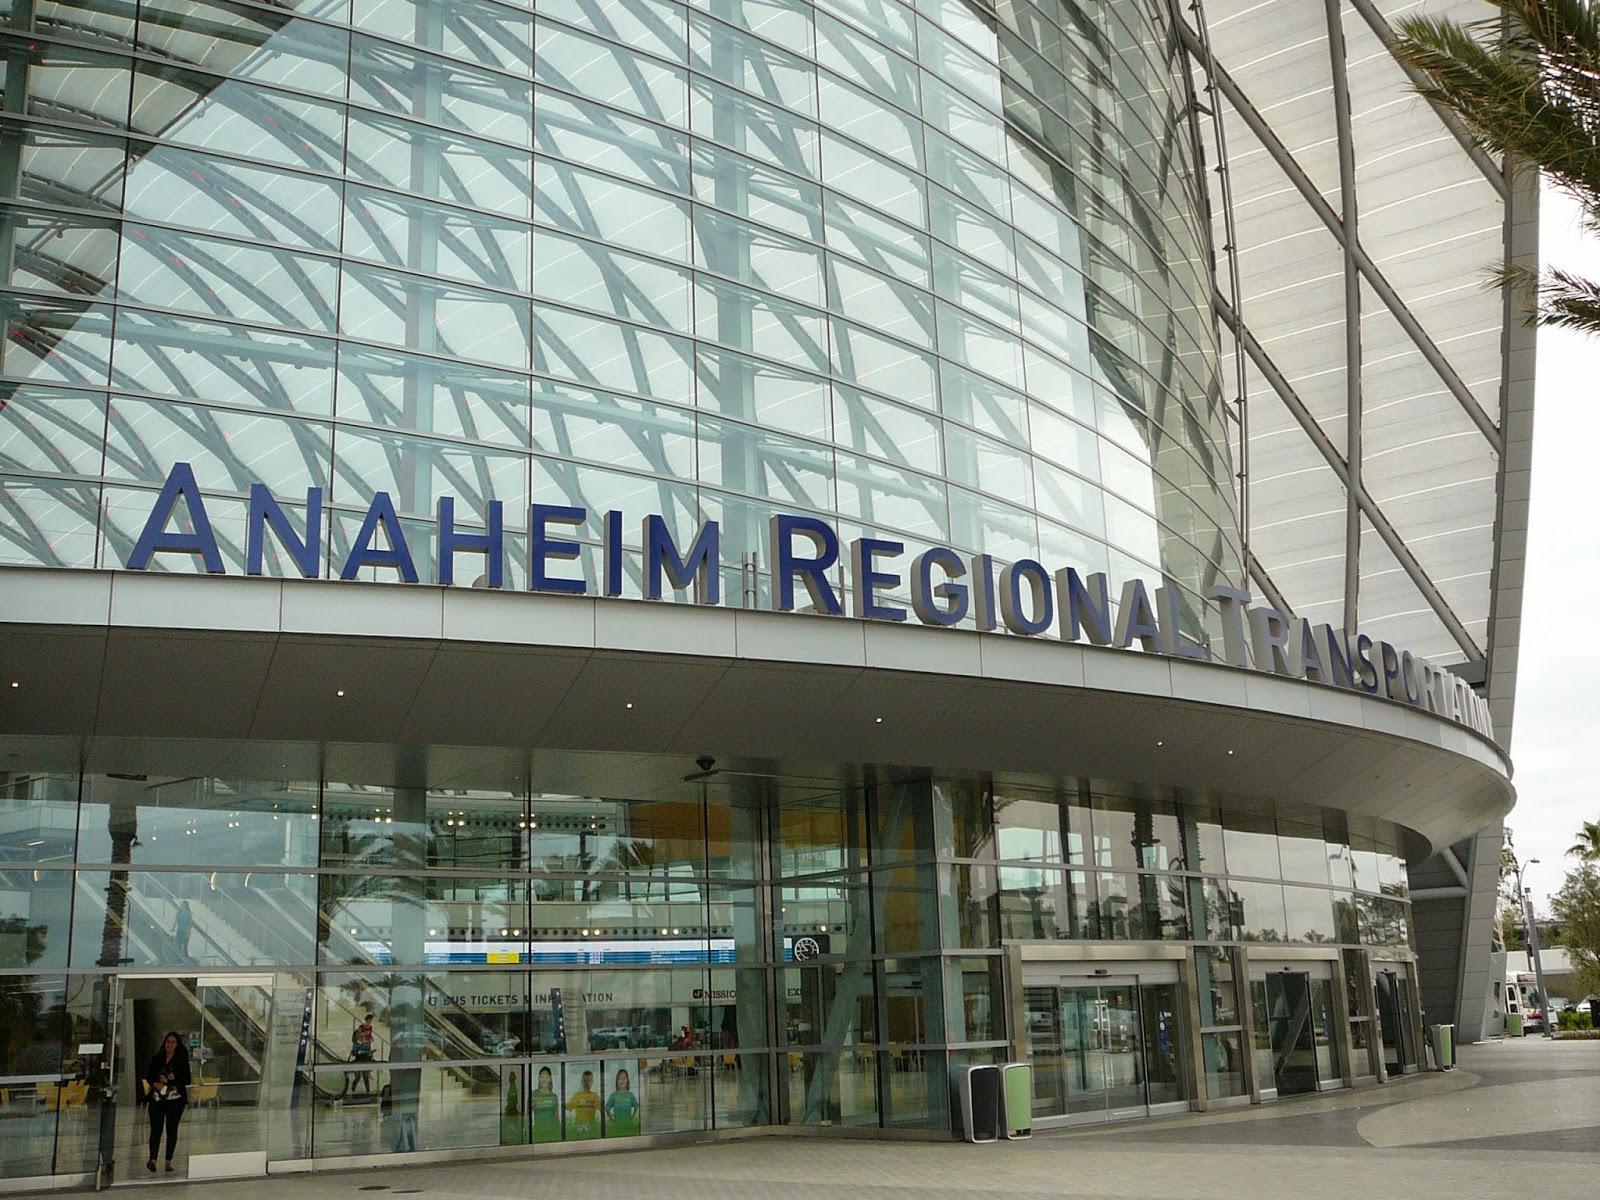 Orange County Structure Anaheim Regional Transportation